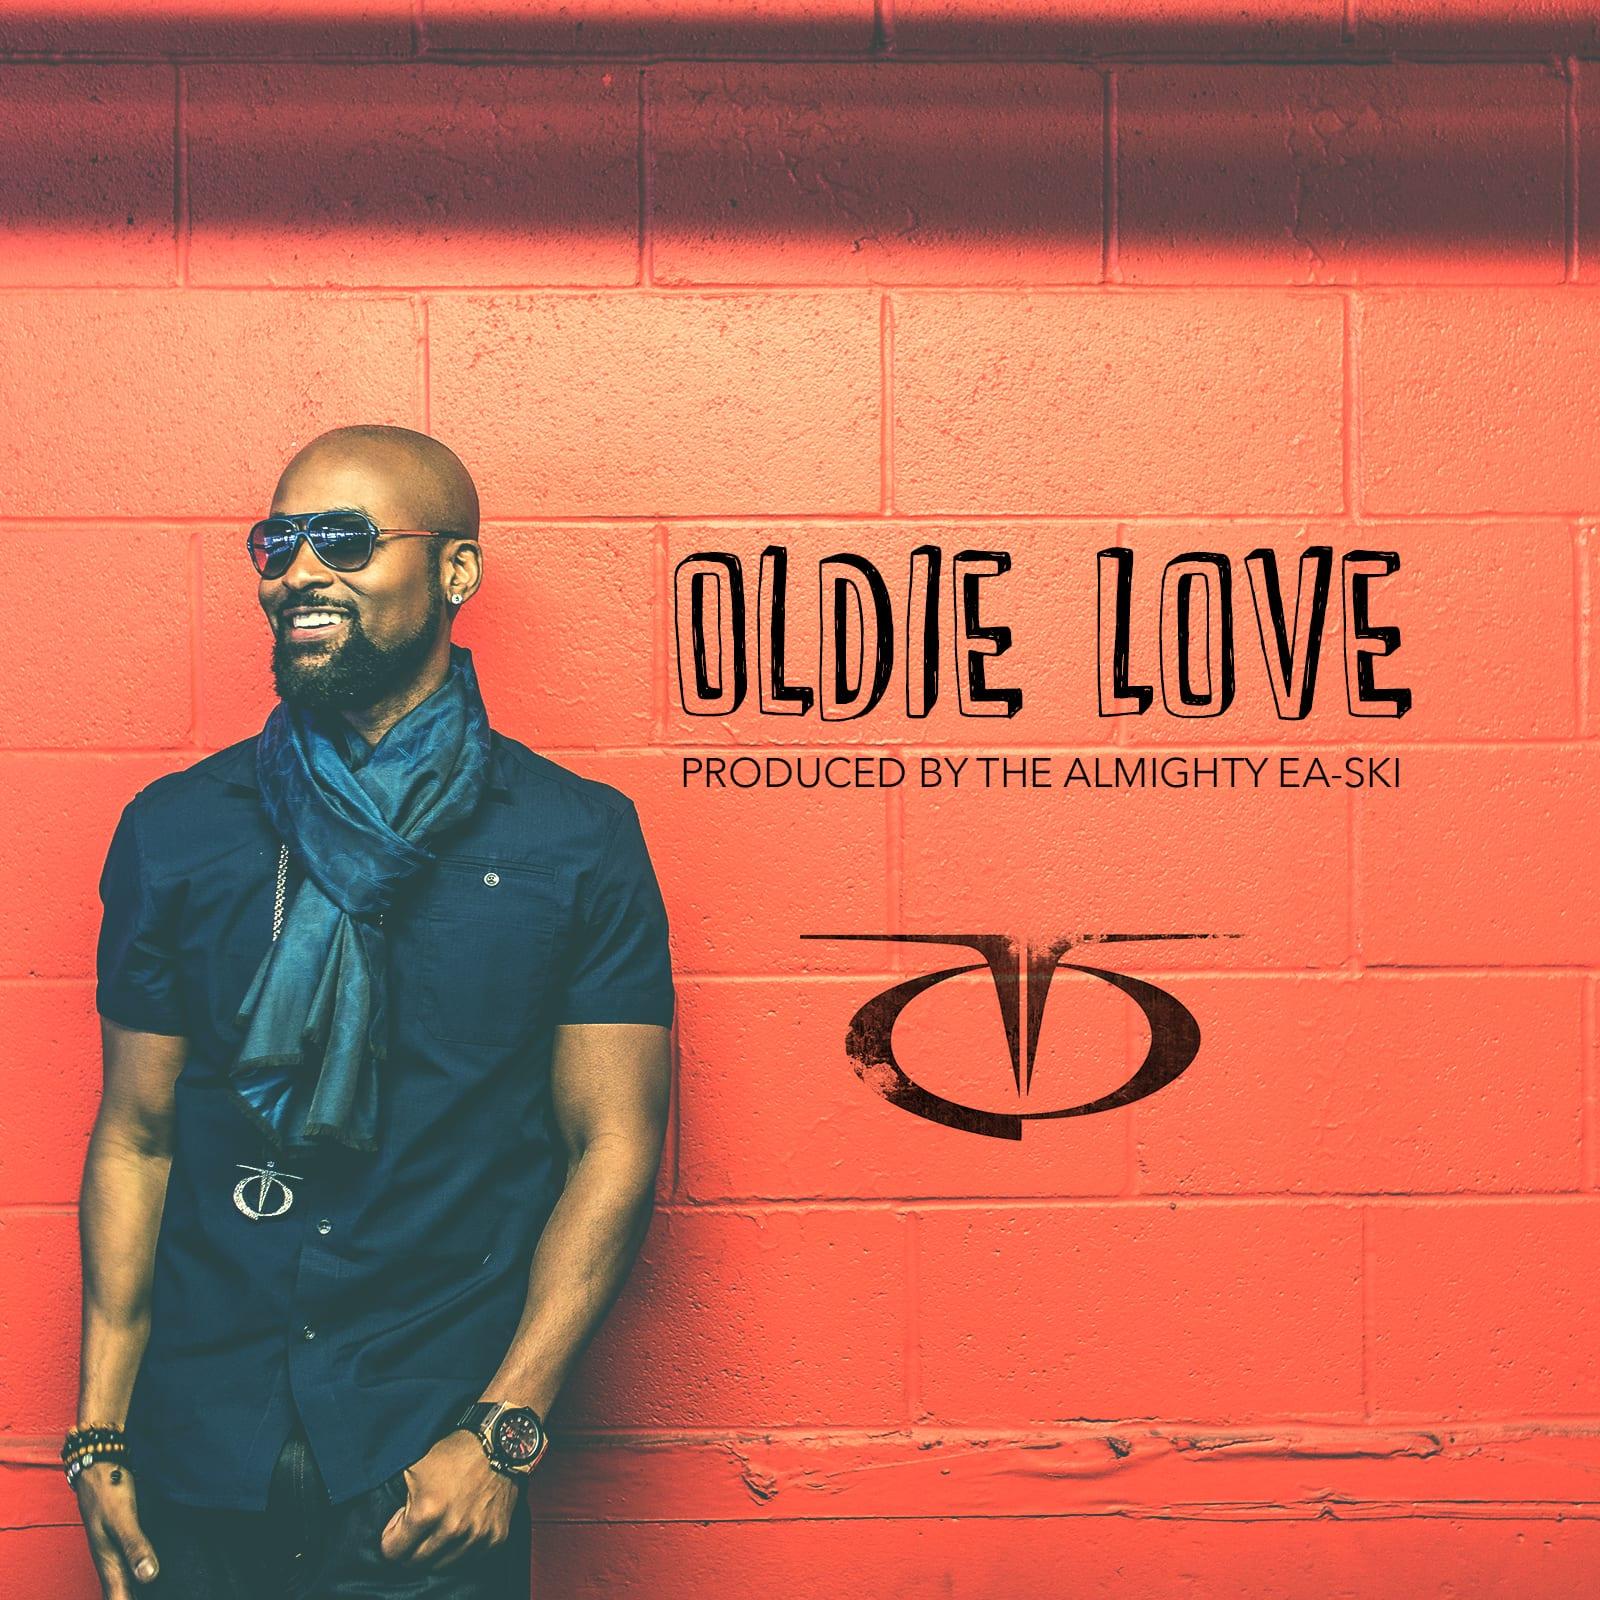 Oldie Love Music Video